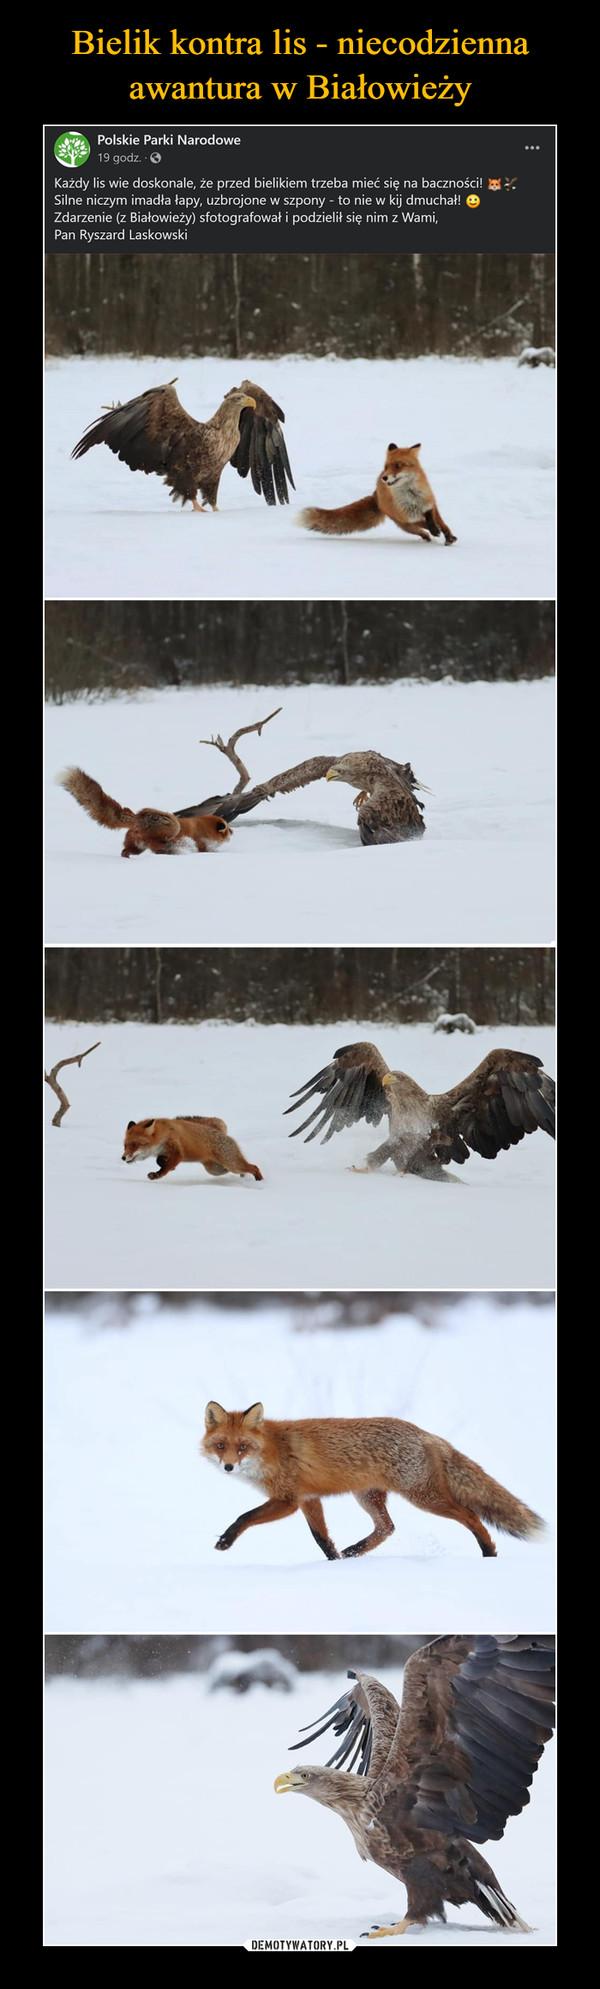 –  Bielik kontra lis - niecodziennaawantura w BiałowieżyPolskie Parki Narodowe19 godz. OKażdy lis wie doskonale, że przed bielikiem trzeba mieć się na baczności!Silne niczym imadła łapy, uzbrojone w szpony - to nie w kij dmuchał! eZdarzenie (z Białowieży) sfotografował i podzielił się nim z Wami,Pan Ryszard LaskowskiDEMOTYWATORY.PL